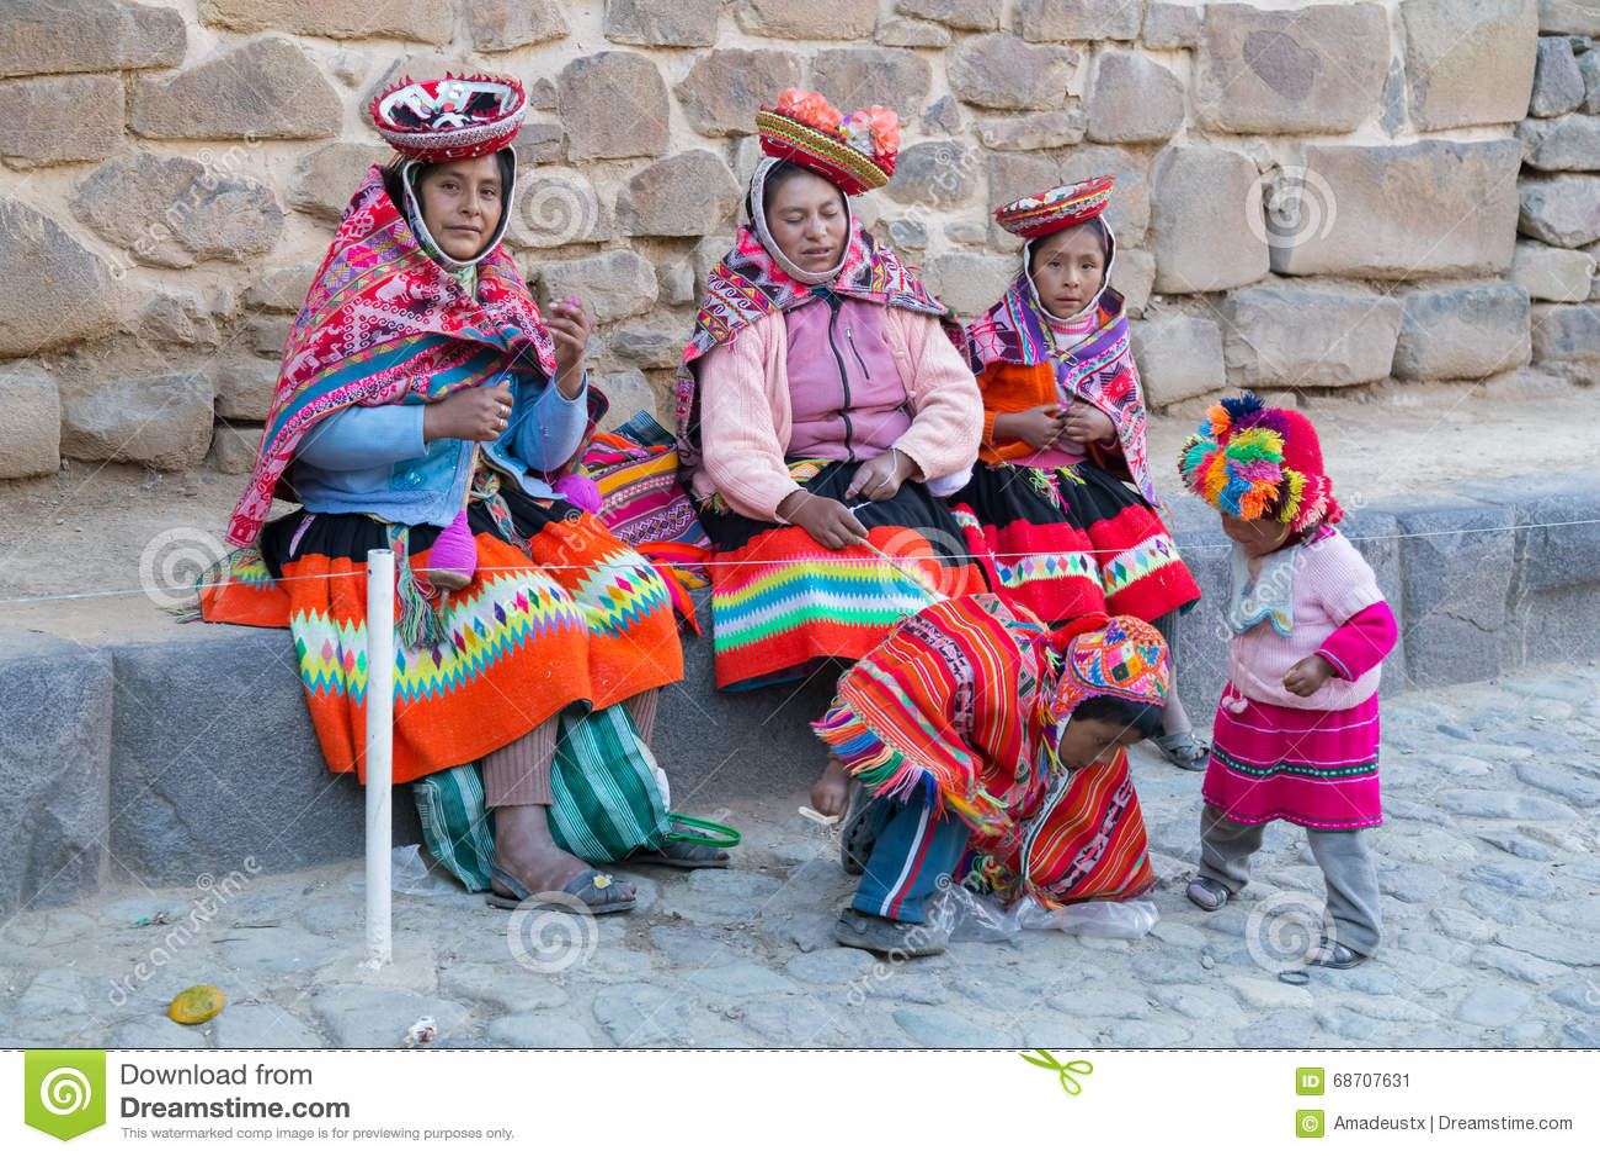 Bambini Vestiti Perù Abbigliamento Bambini Perù Bambini Vestiti Abbigliamento lc3KTF1J